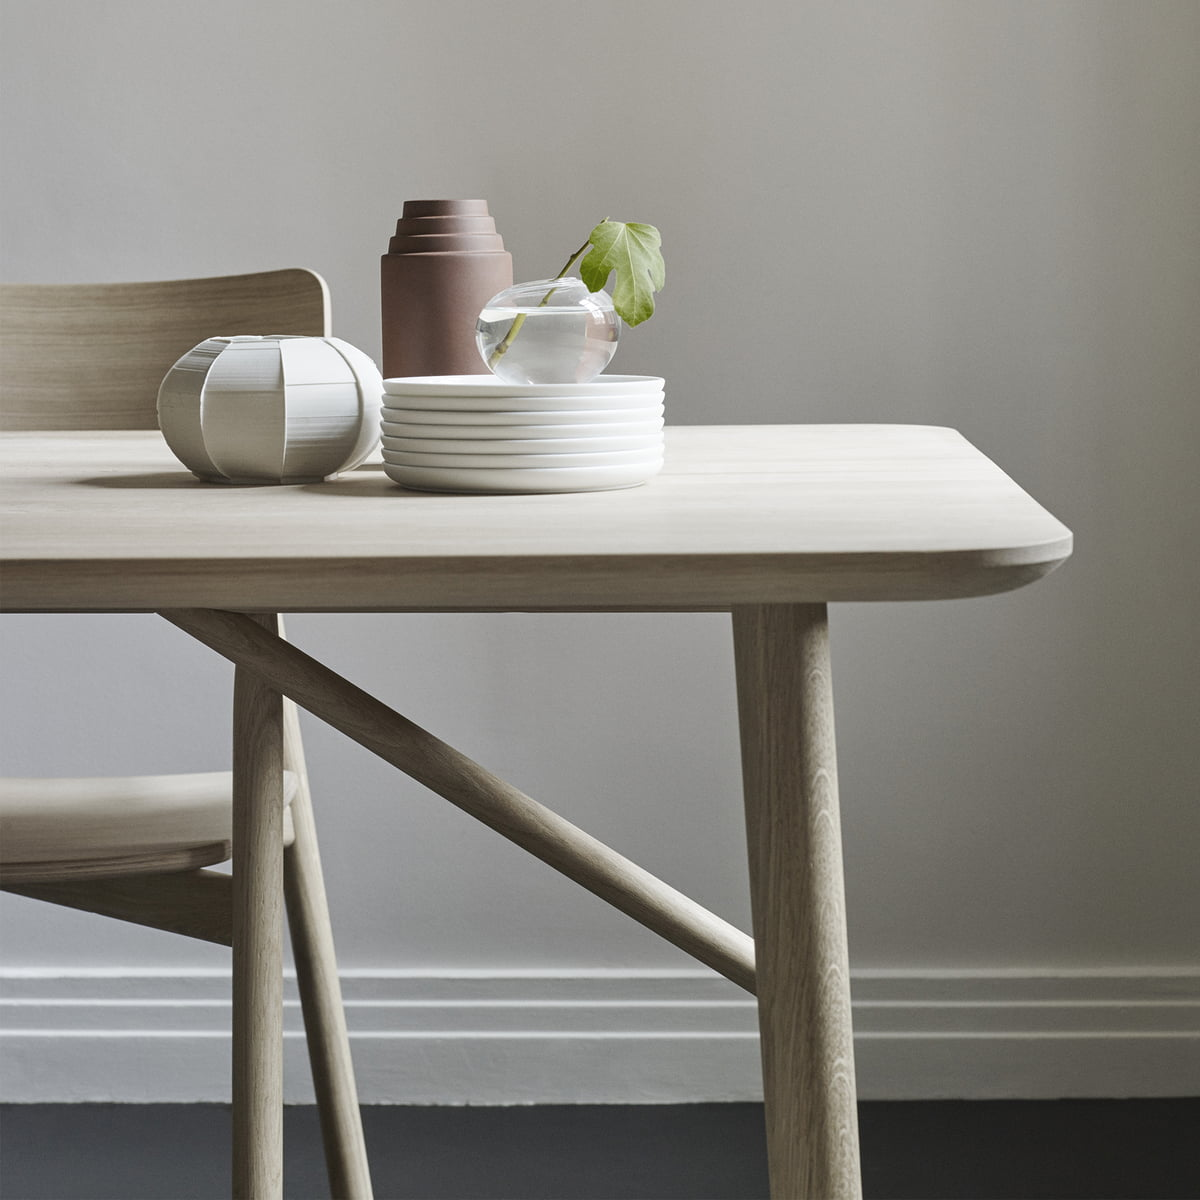 Hven armlehnstuhl von skagerak connox shop for Armlehnstuhl esstisch